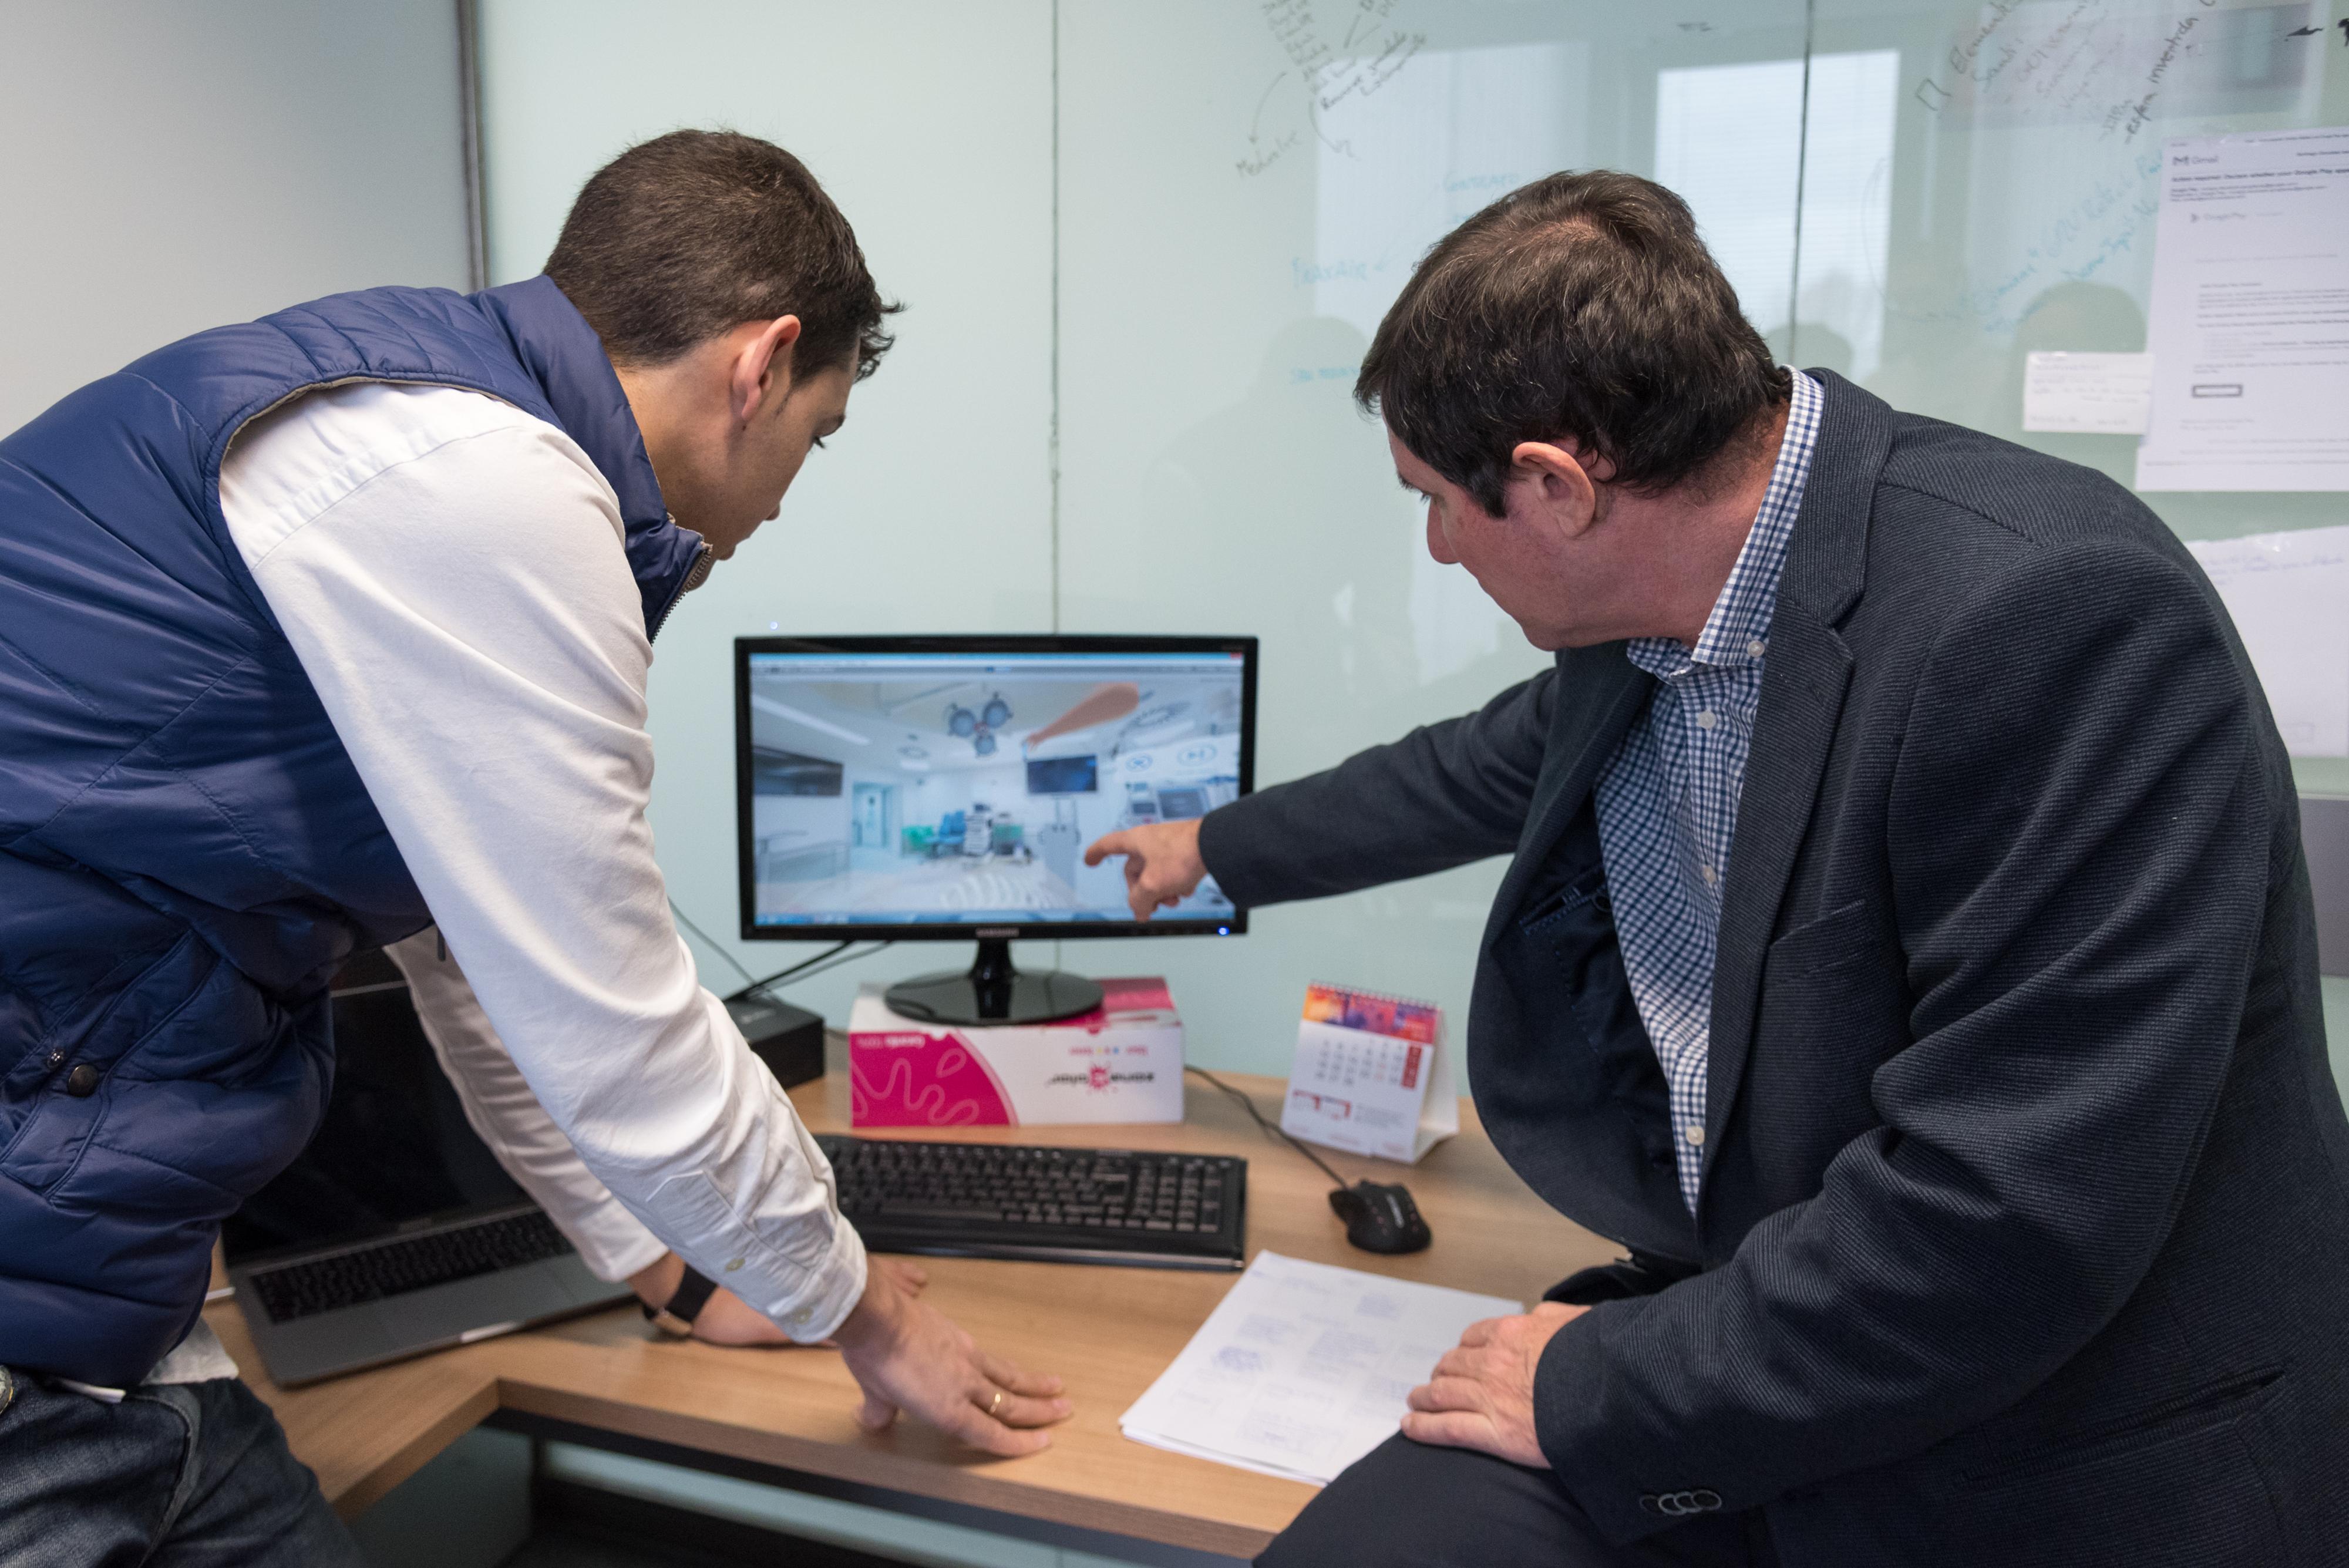 La Universidad de Salamanca desarrolla el primer simulador virtual de intervención quirúrgica en columna vertebral para una escoliosis